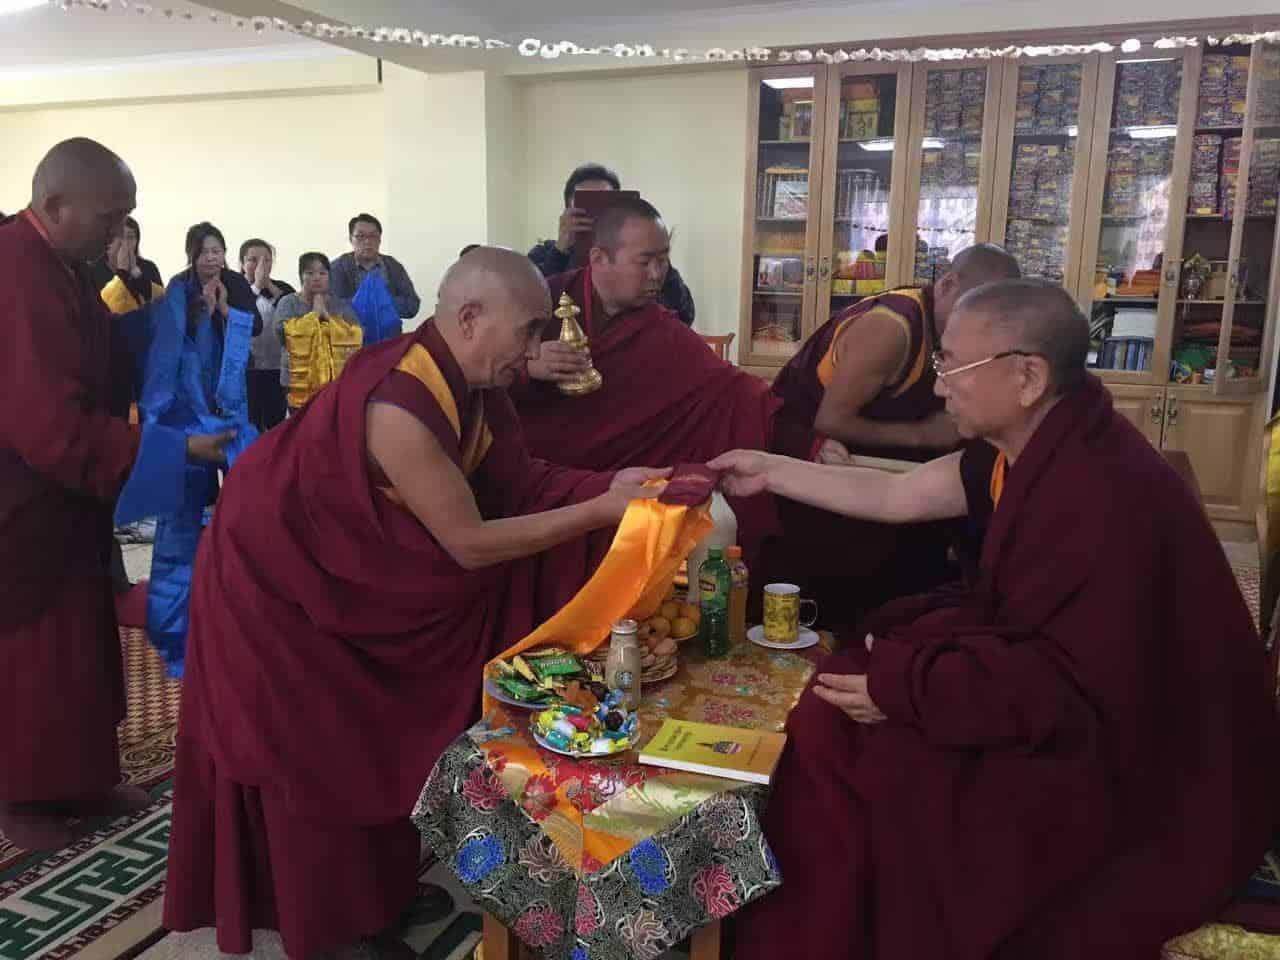 gosok-rinpoche-mongolia-2016-2683bc1557dbe30372d92ce8e65bf53